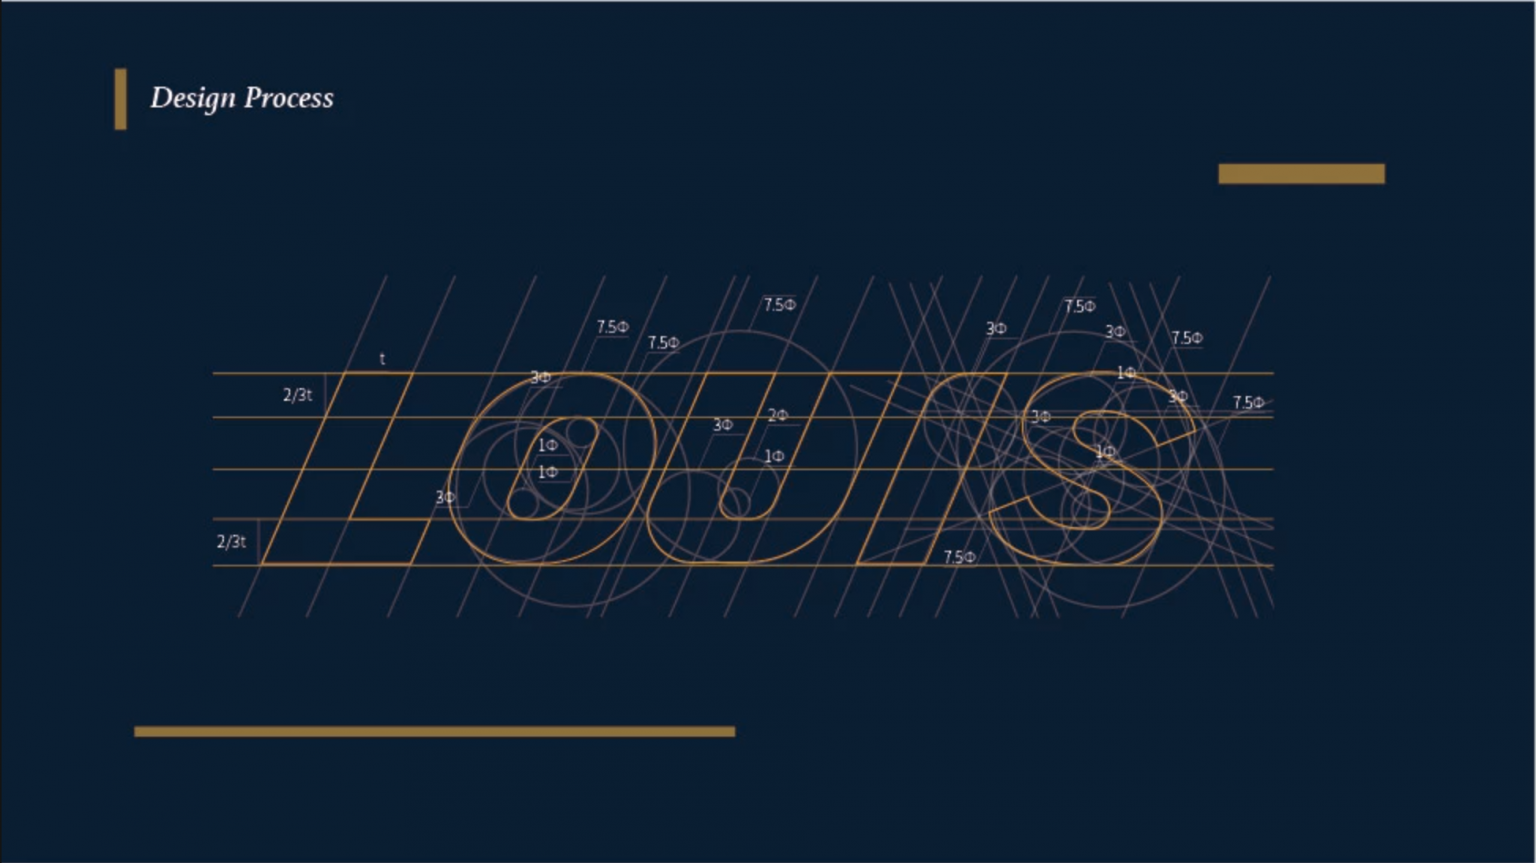 Louis_design